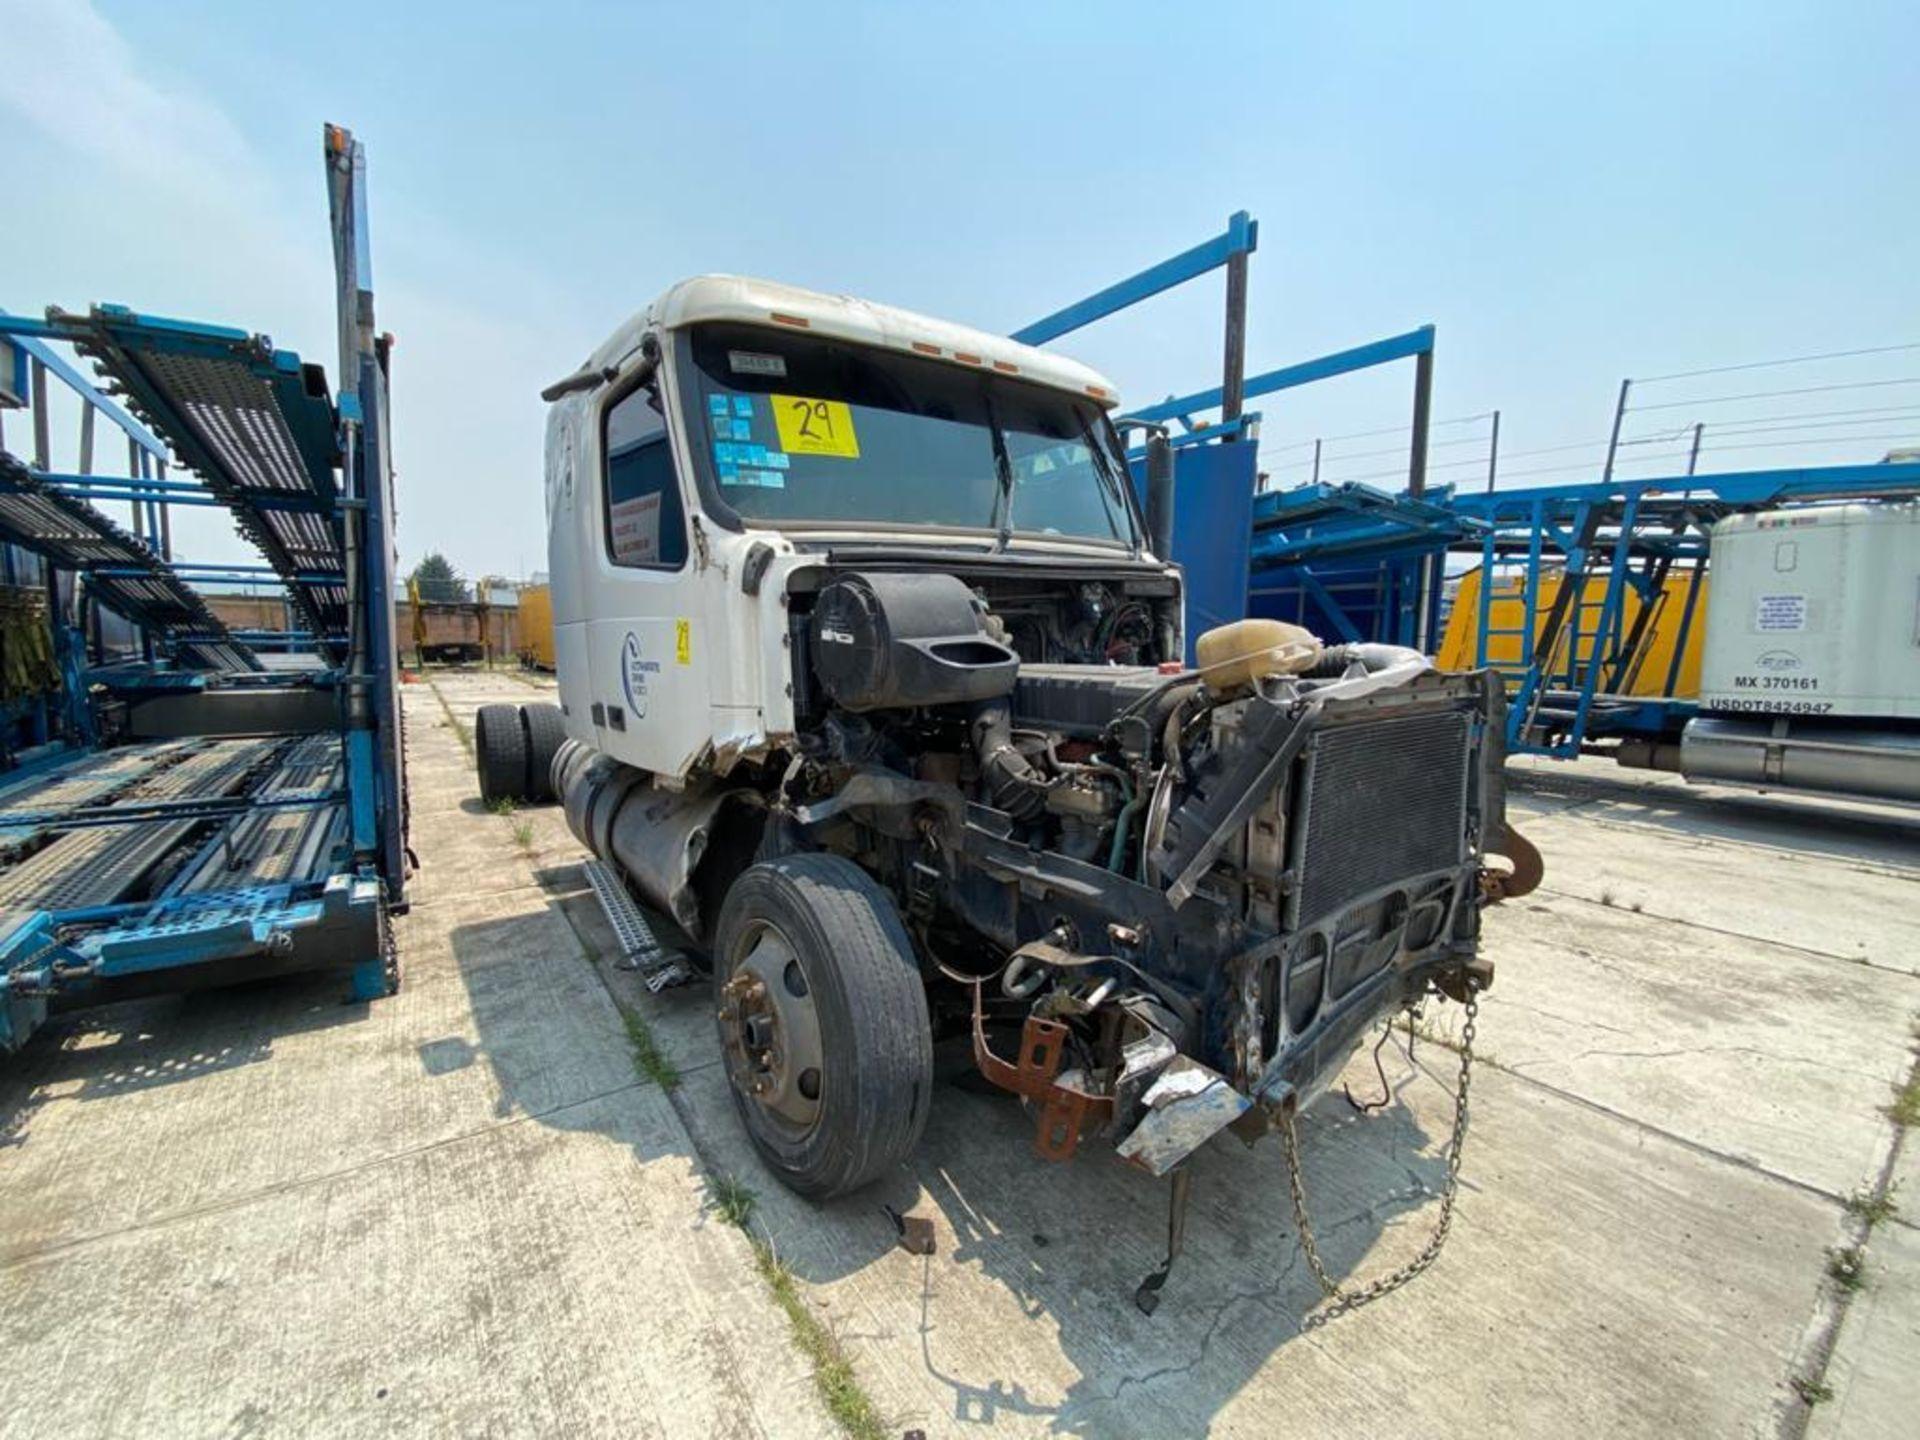 2001 Volvo Sleeper Truck Tractor, estándar transmissión of 18 speeds, with Volvo motor